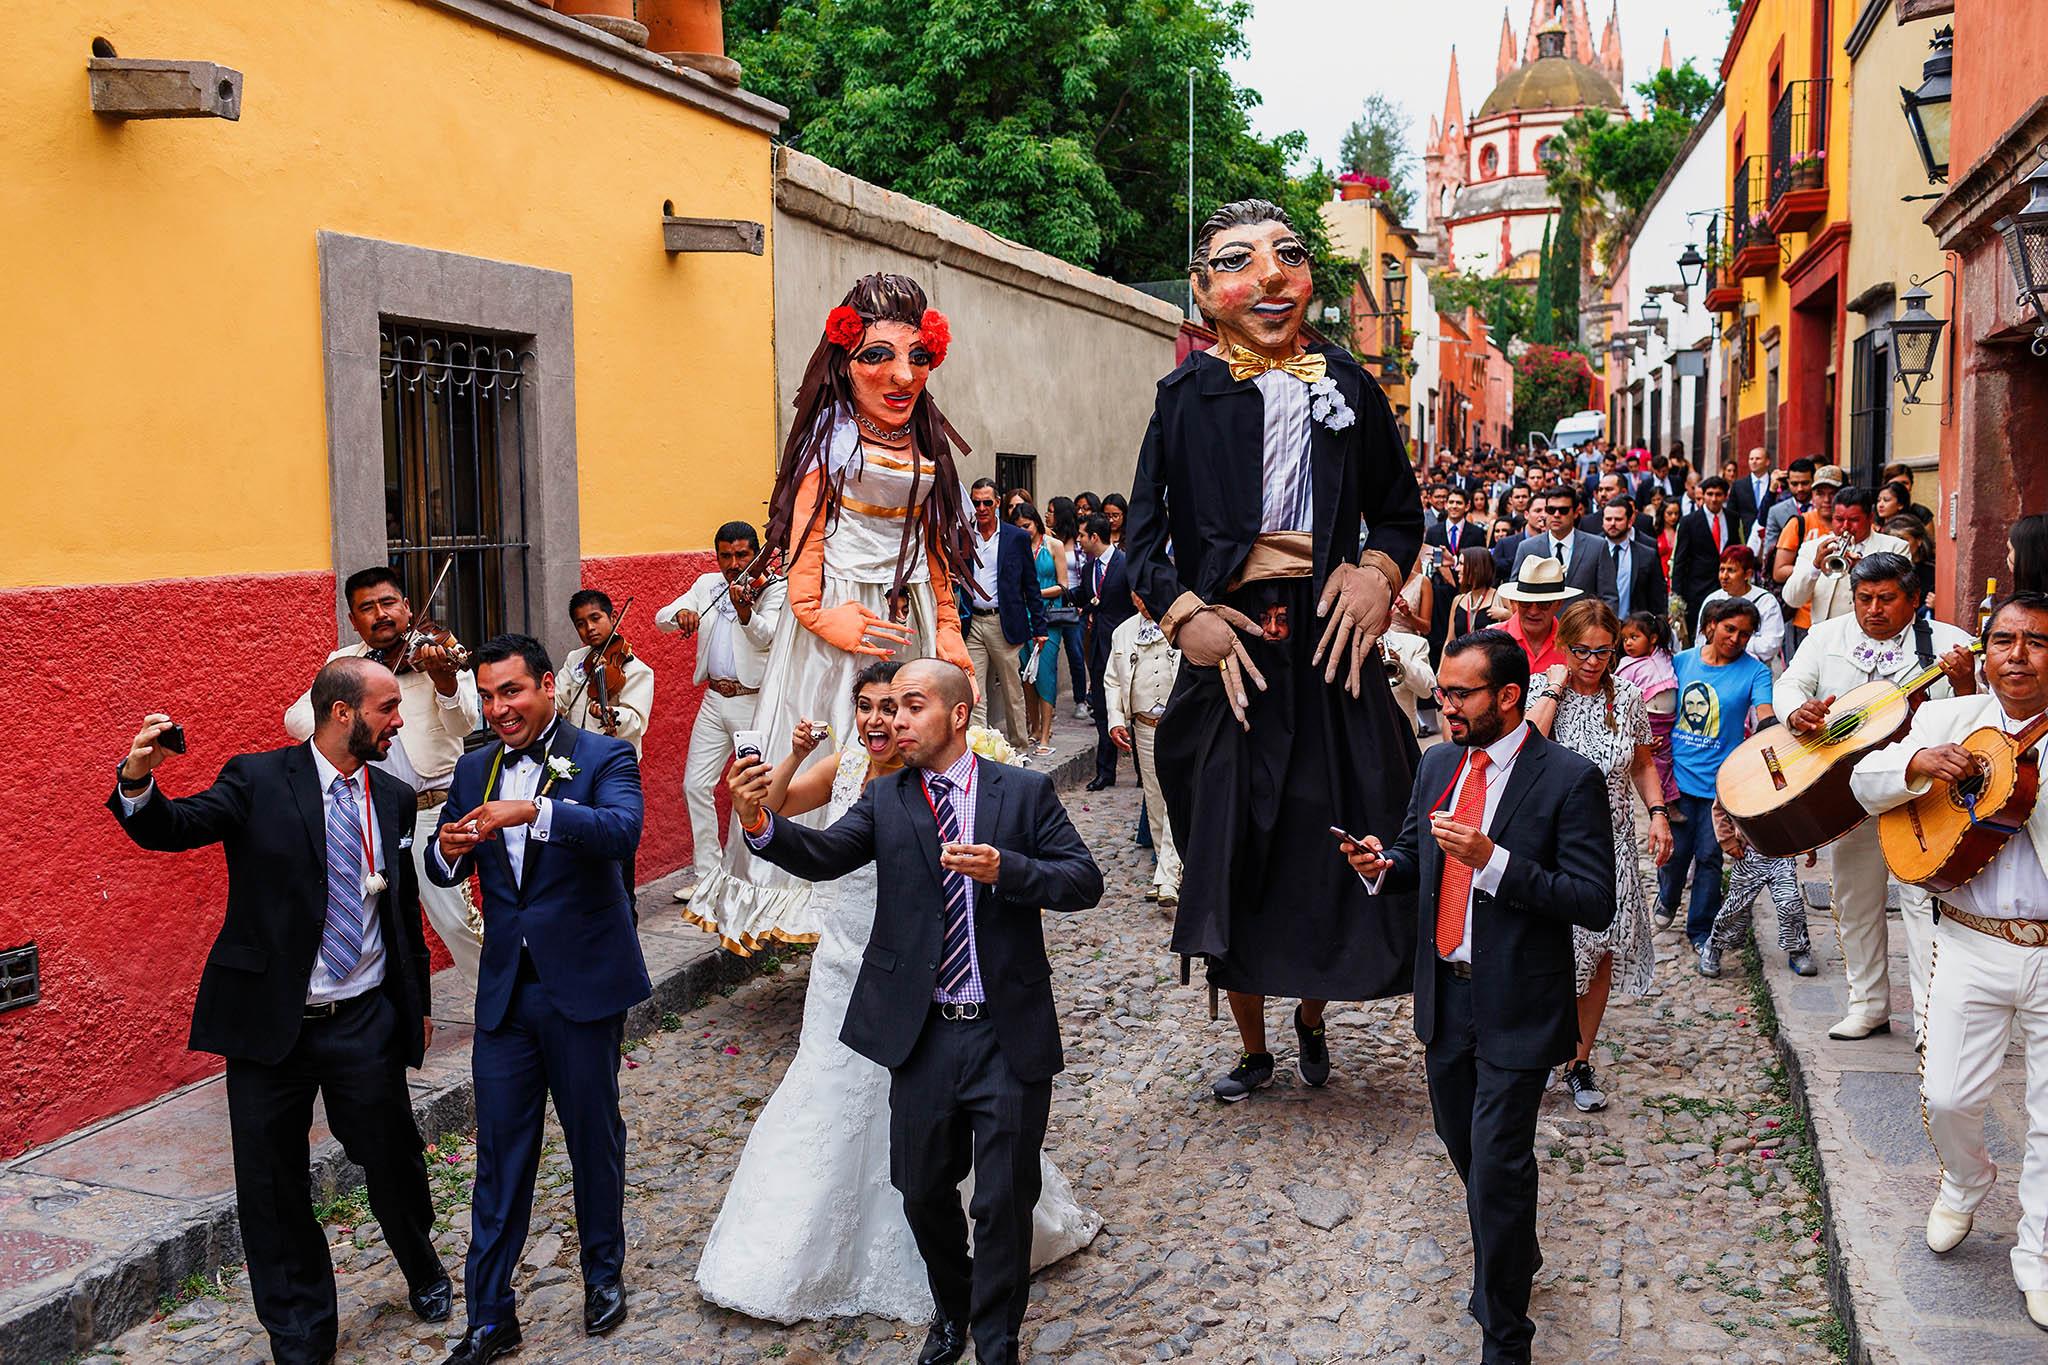 Weddings in San Miguel de Allende